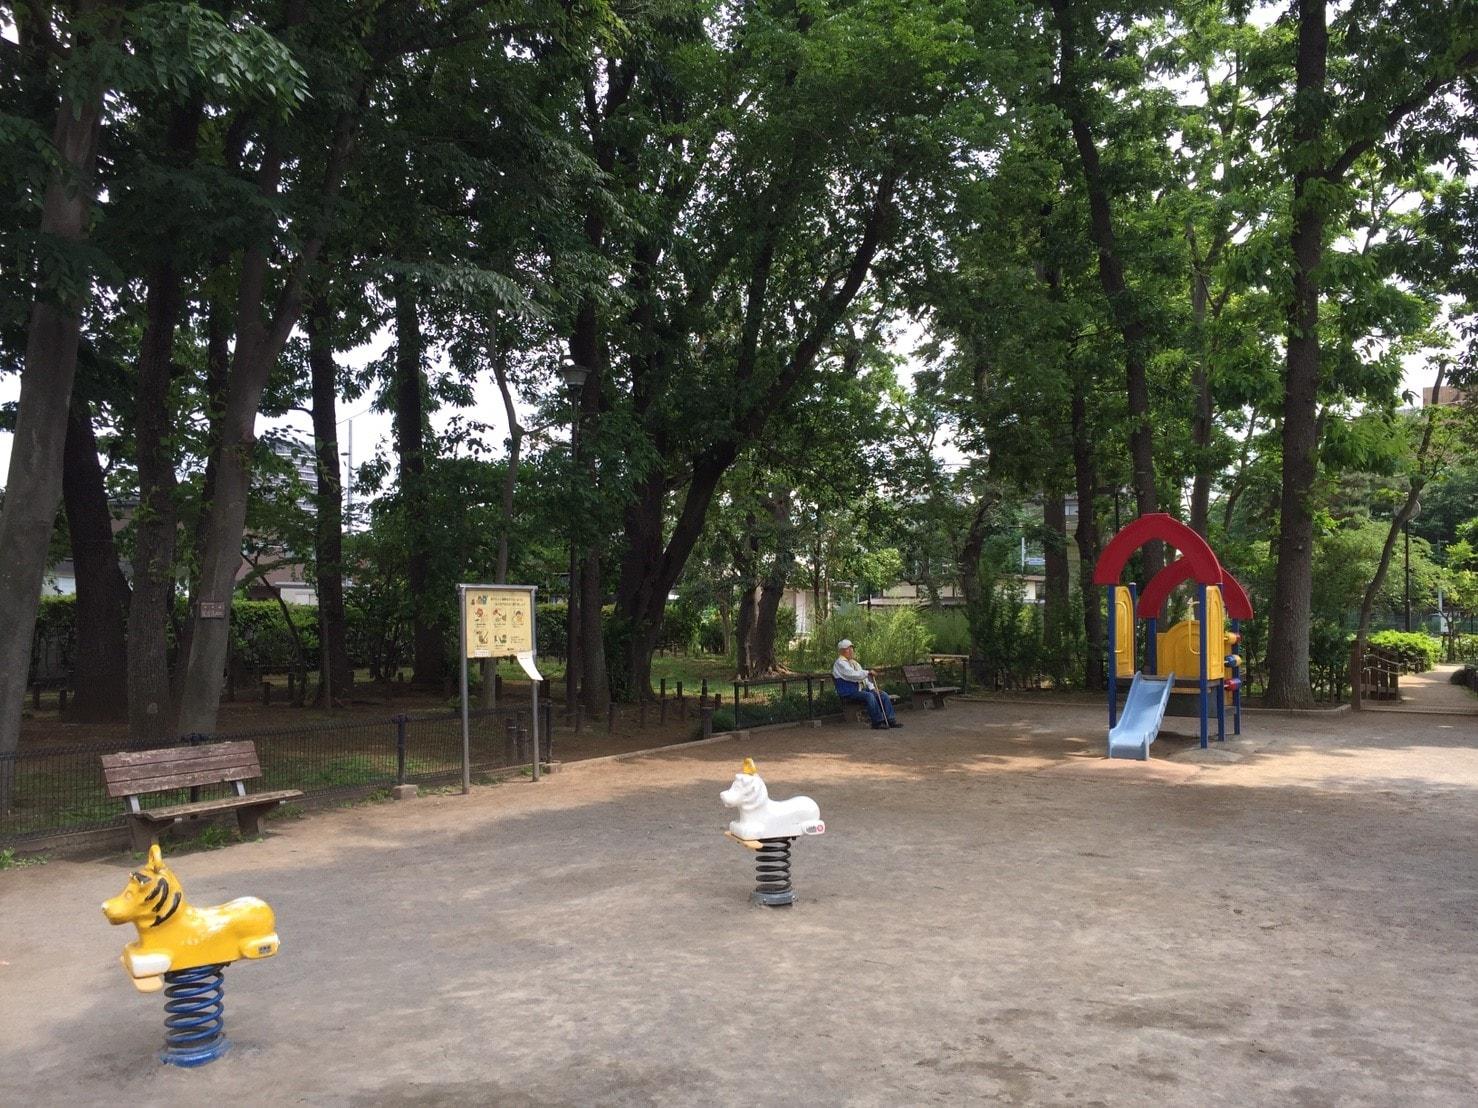 木々に囲まれた子ども向けの公園